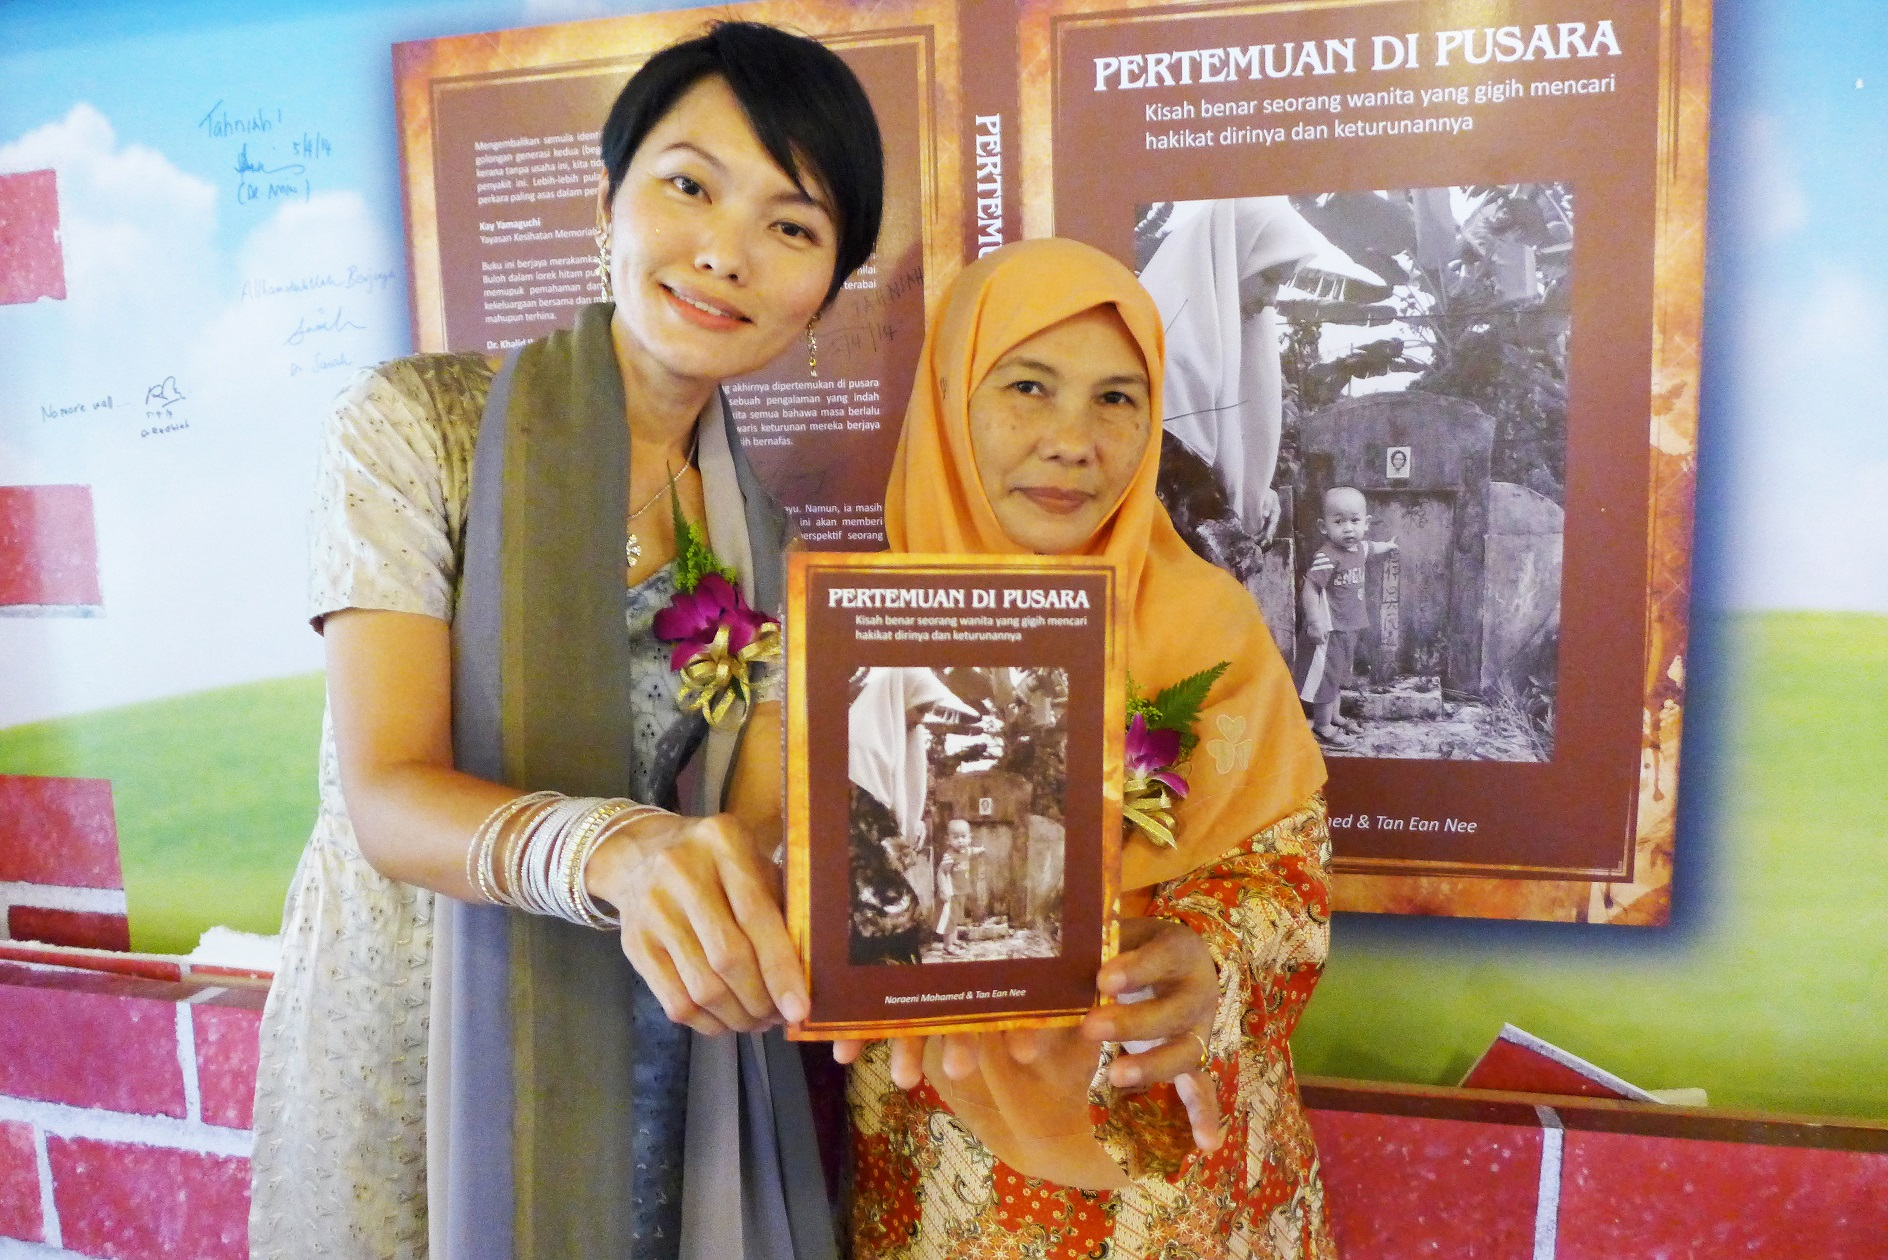 诺莱尼和陈彦妮合著《相遇于坟场》一书。(  林丽珊     摄)